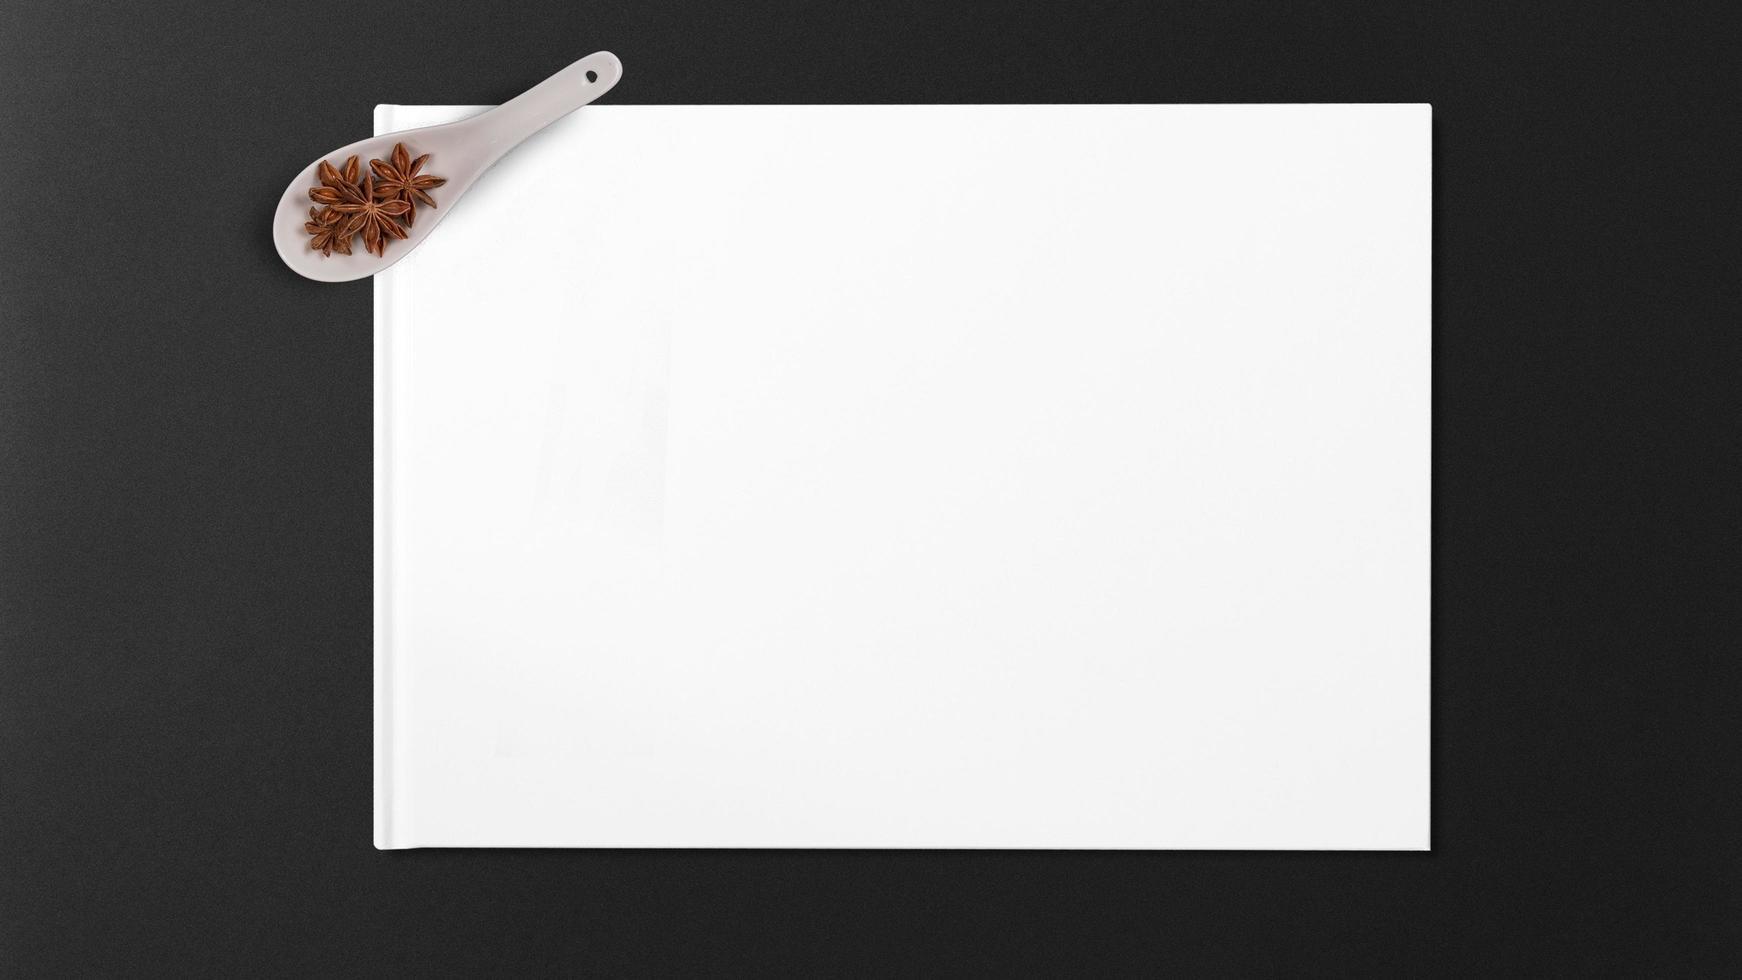 Anís estrellado en cuchara de madera sobre papel blanco sobre fondo negro foto